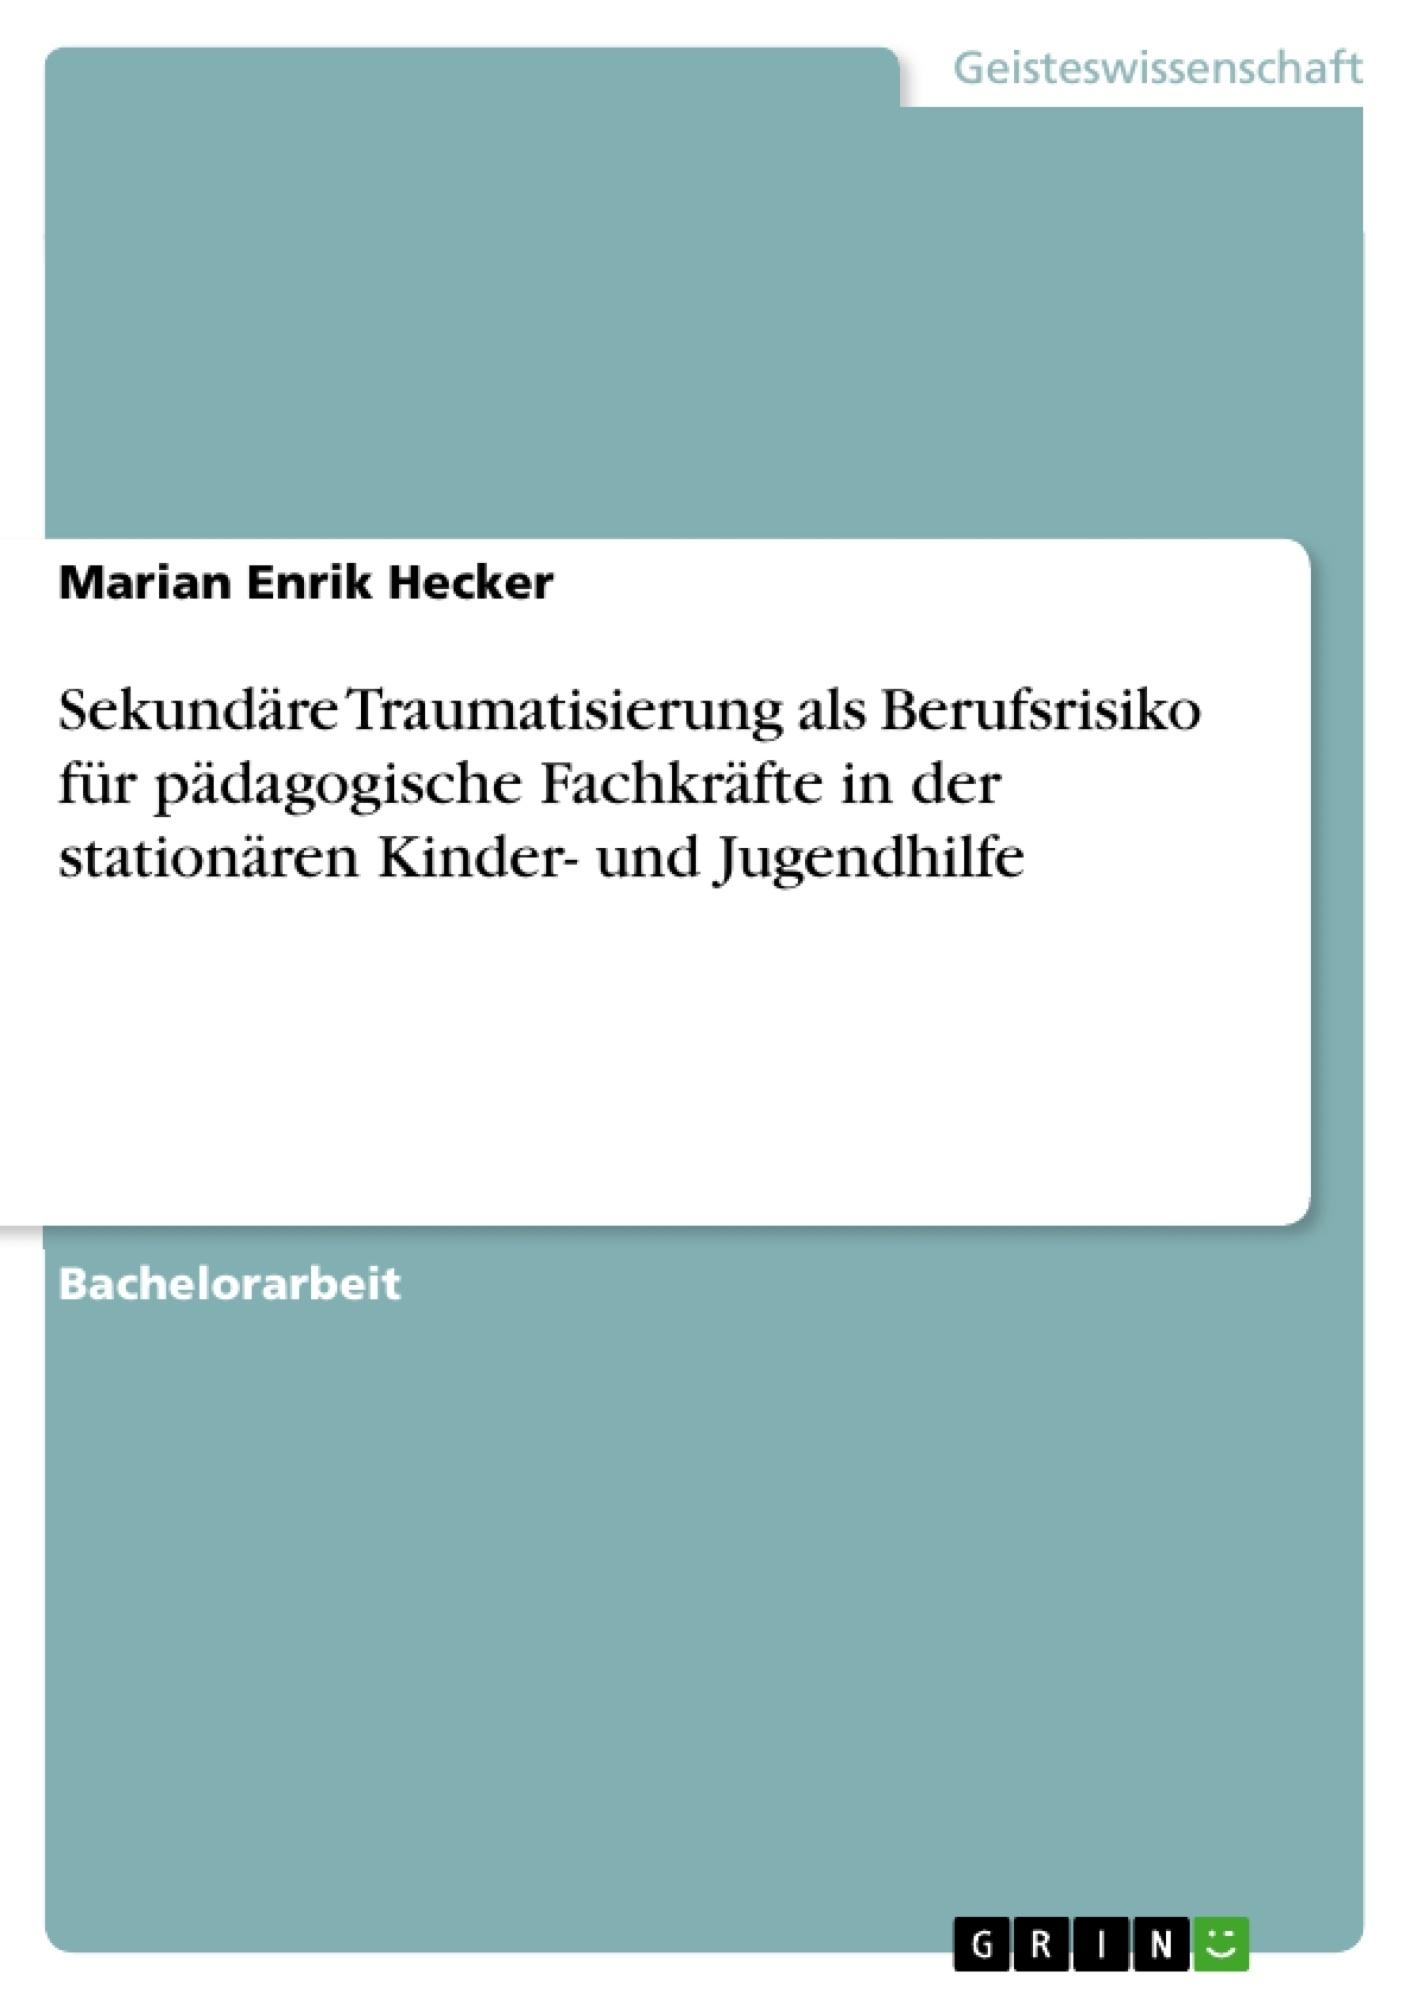 Titel: Sekundäre Traumatisierung als Berufsrisiko für pädagogische Fachkräfte in der stationären Kinder- und Jugendhilfe